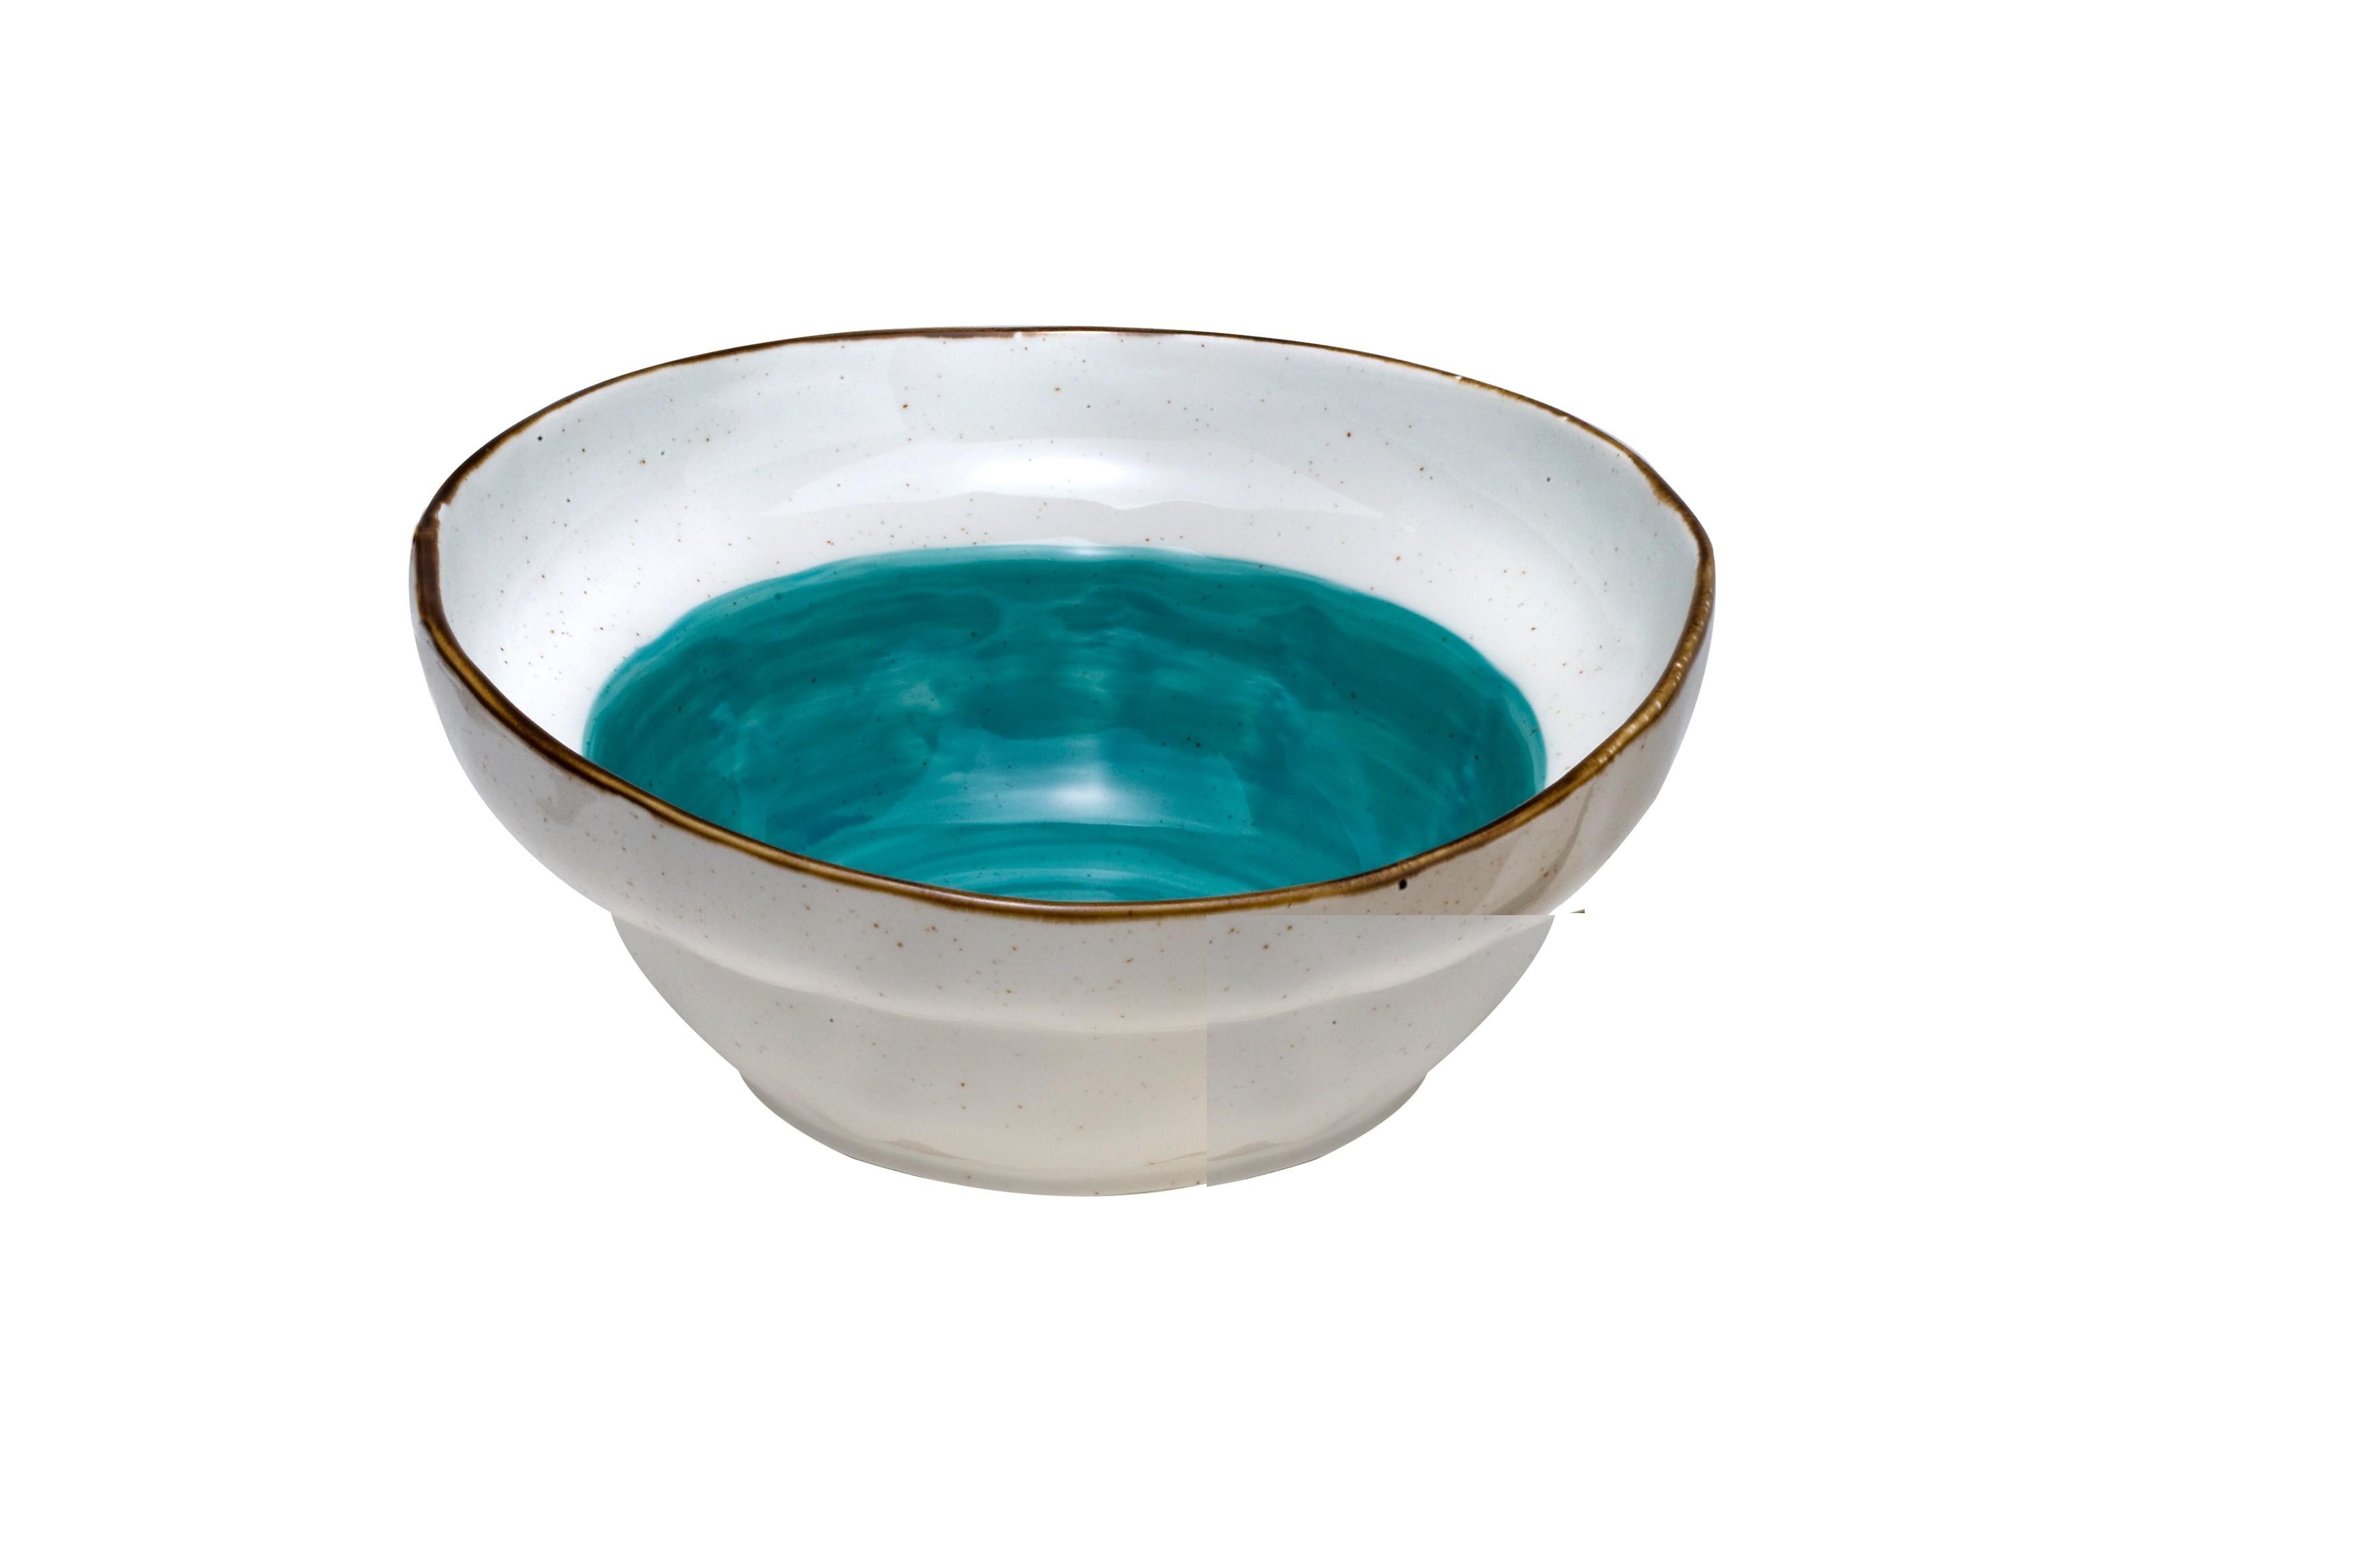 Μπολ Σαλάτας New Bone China Qountry Blue 26cm home   ειδη σερβιρισματος   μπολ   σαλατιέρες